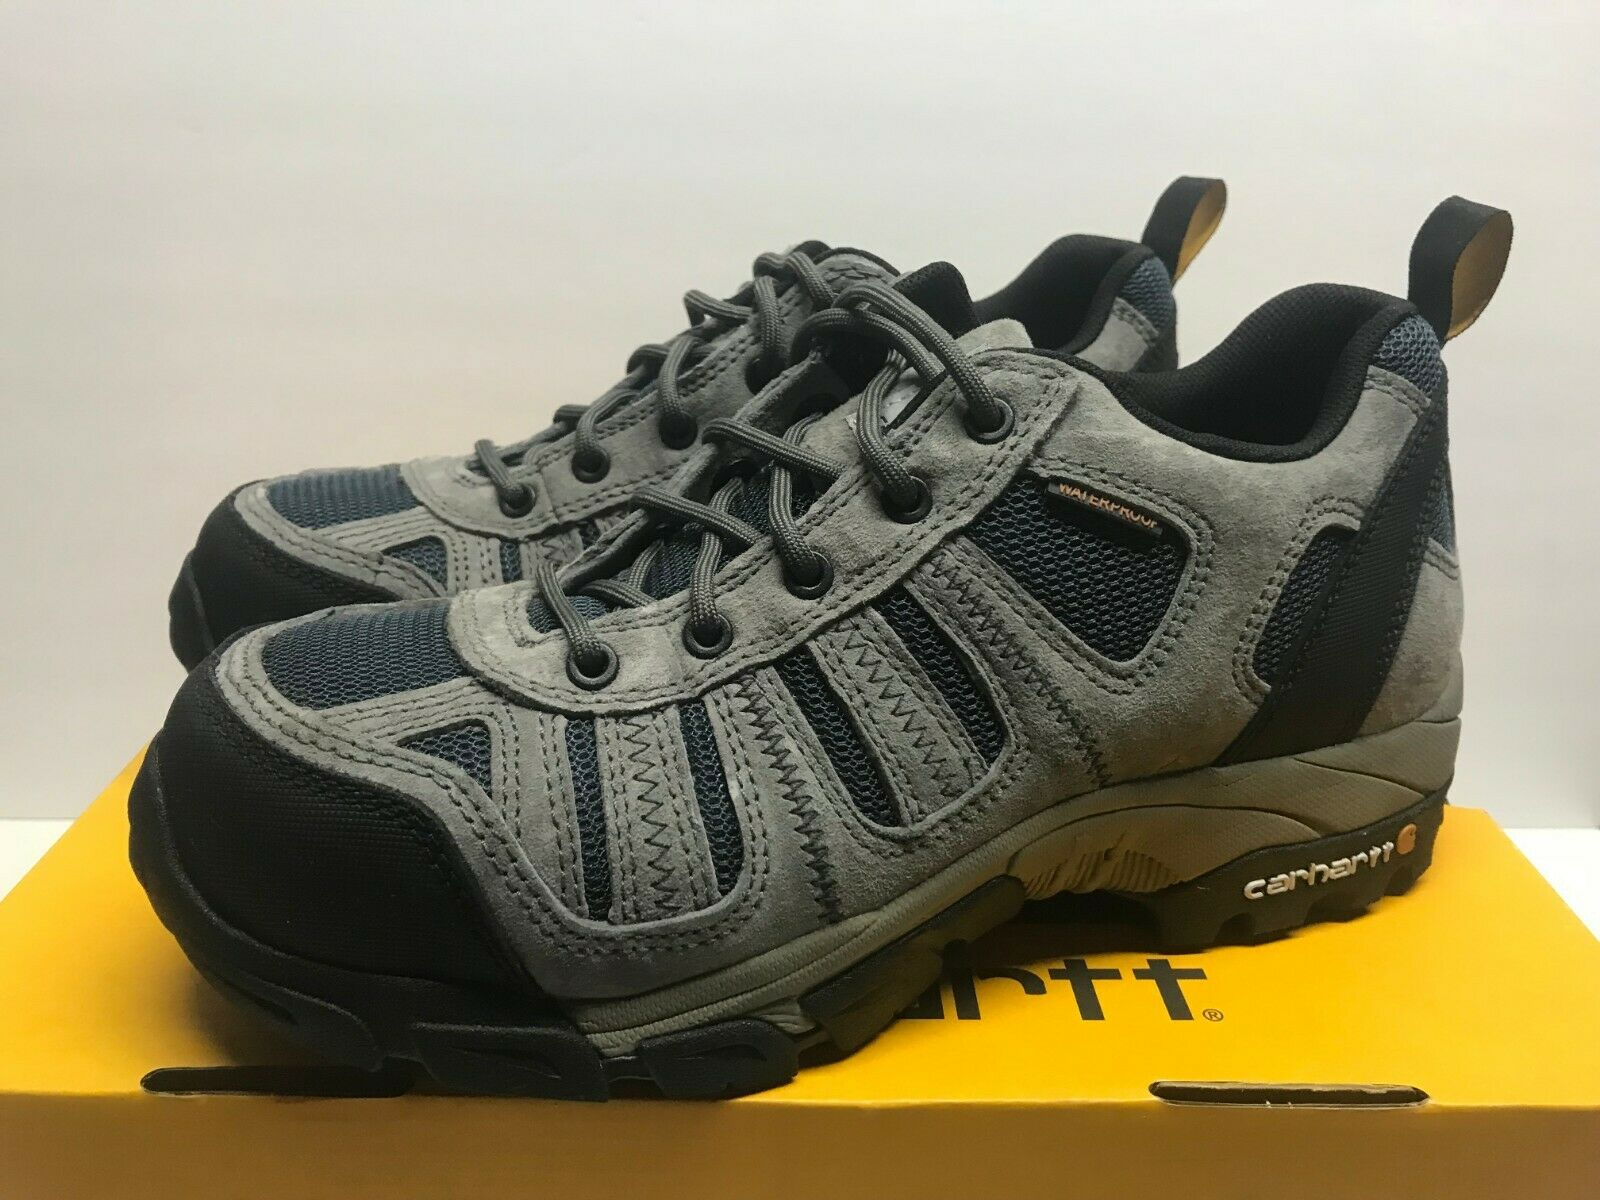 Carhartt para hombres 8 CMO3356 ligero de poca altura Composite Toe Trabajar Bota para Excursionista